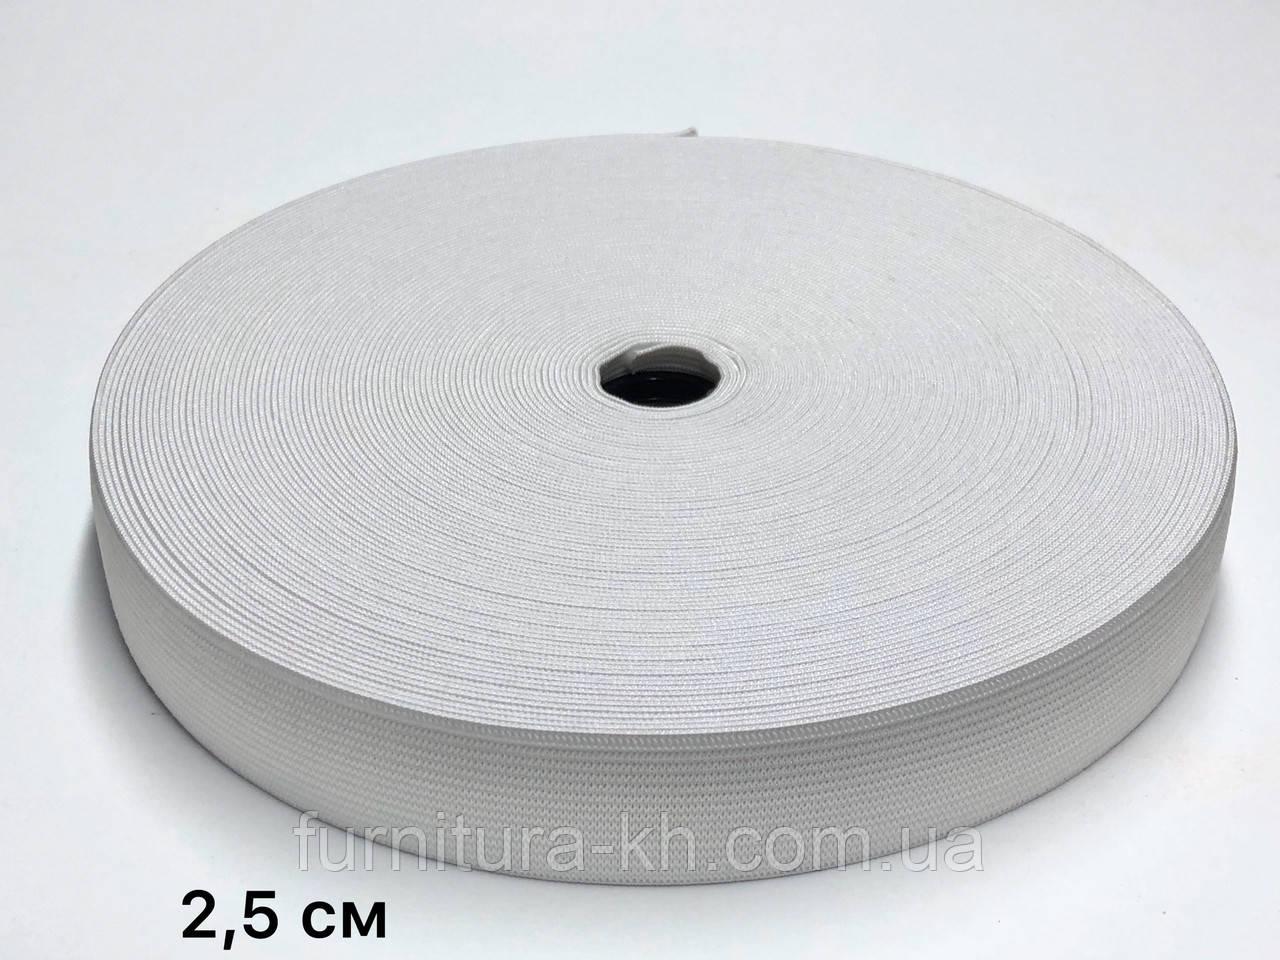 Резинка 2.5 см Белая в рулоне 25 метров